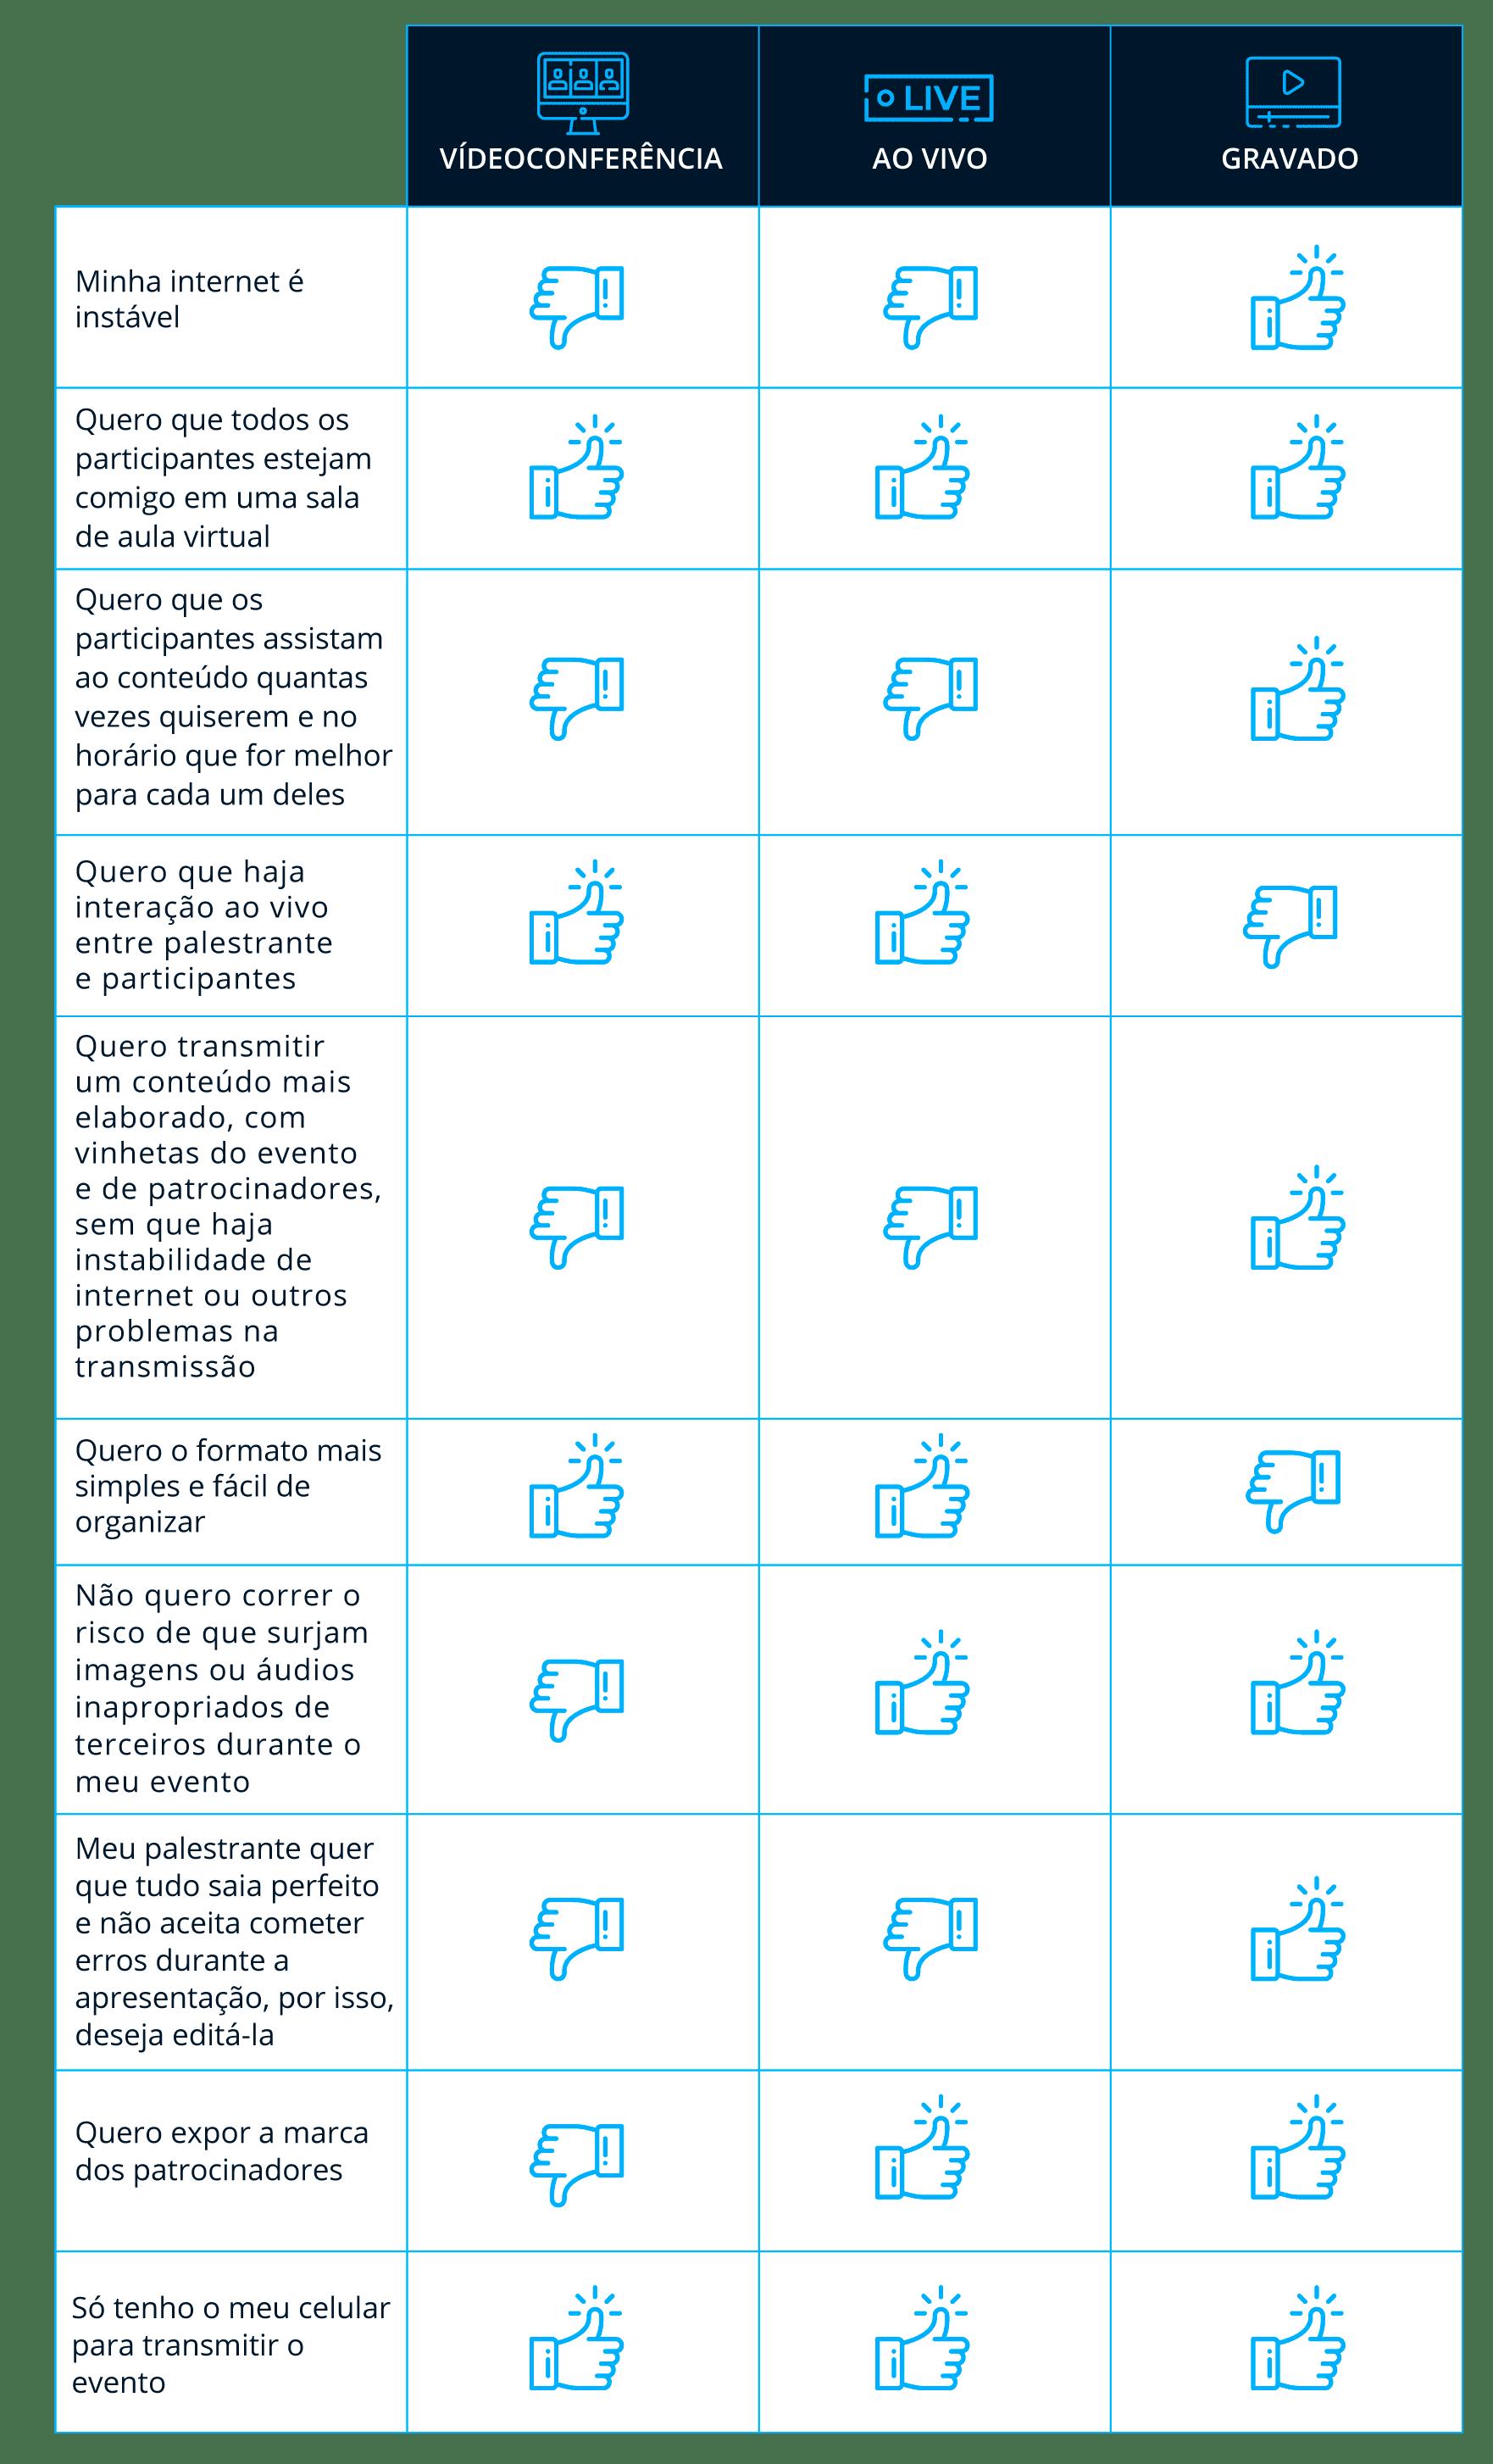 Tabela - Descubra o tipo de transmissão ideal para o seu evento